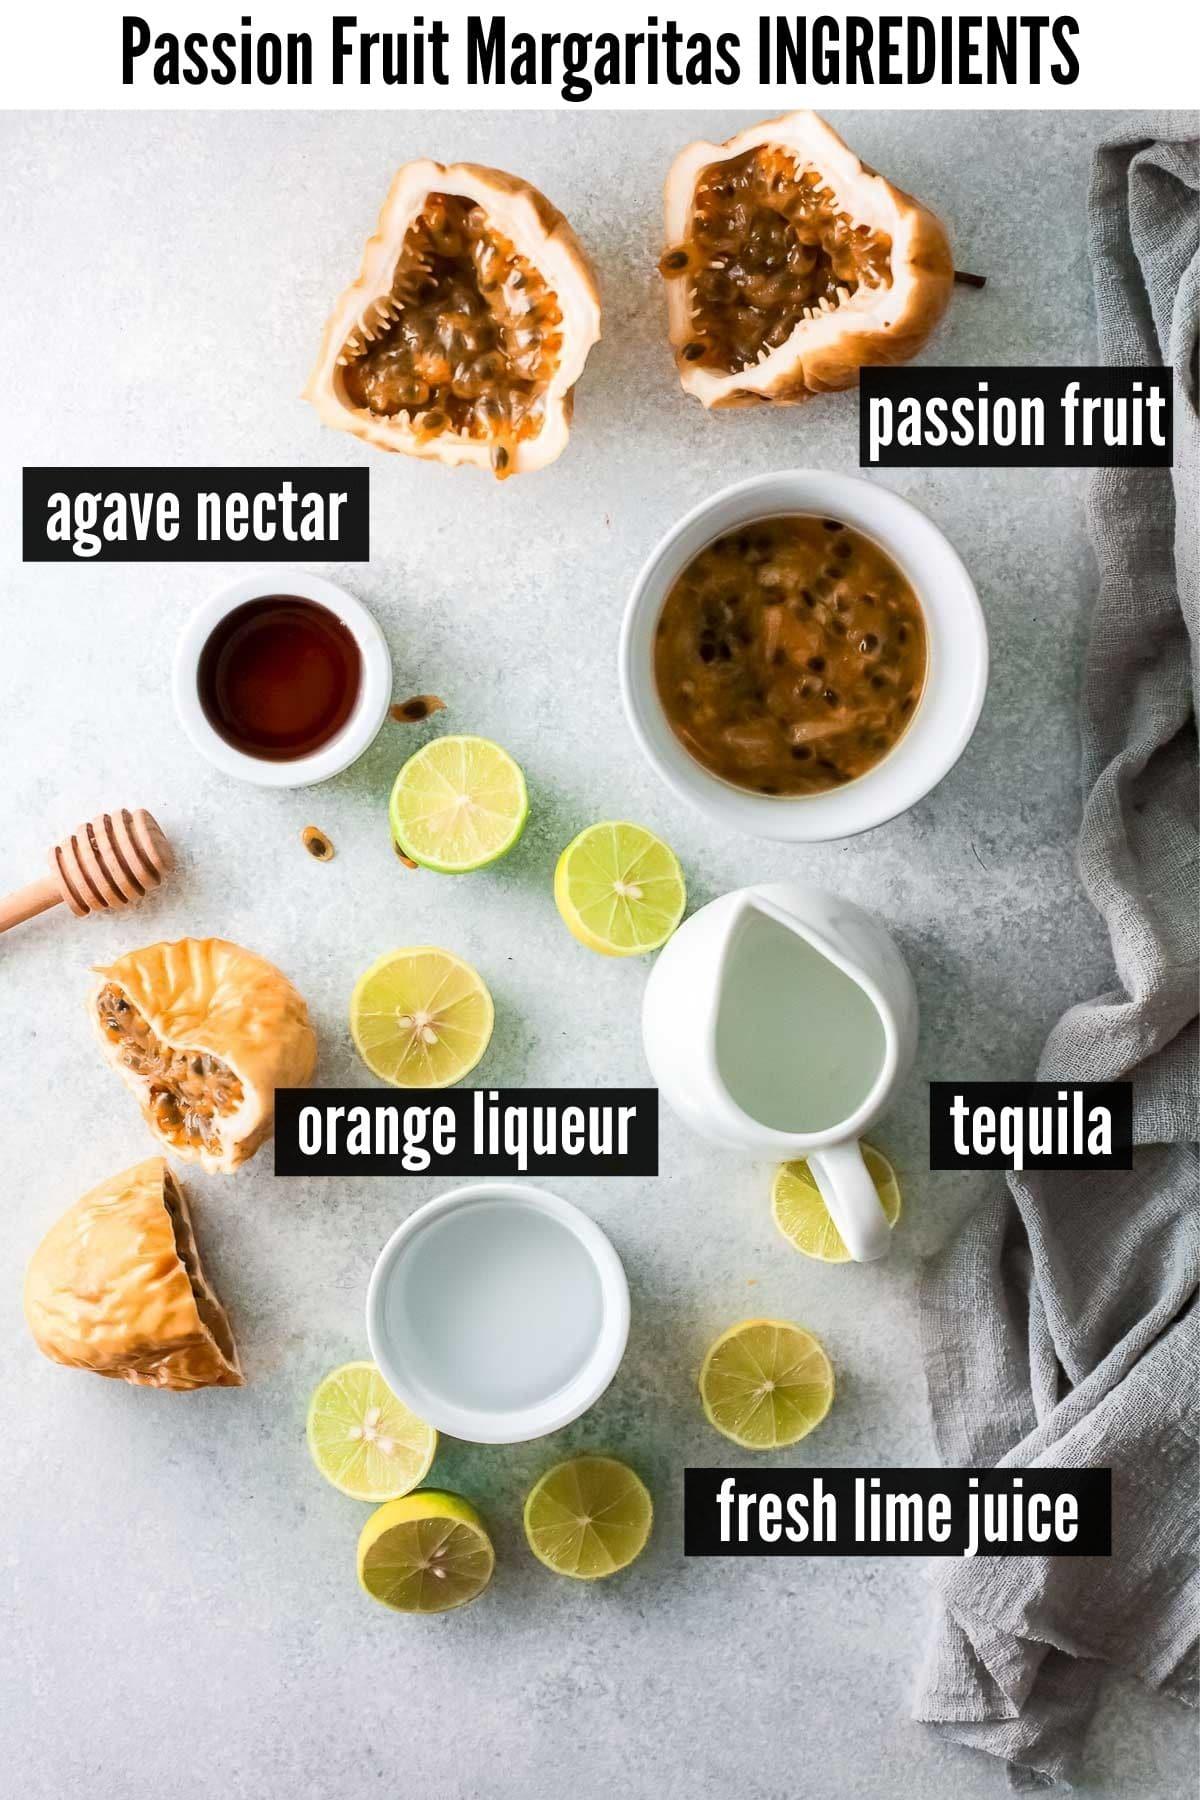 passion fruit margaritas ingredients